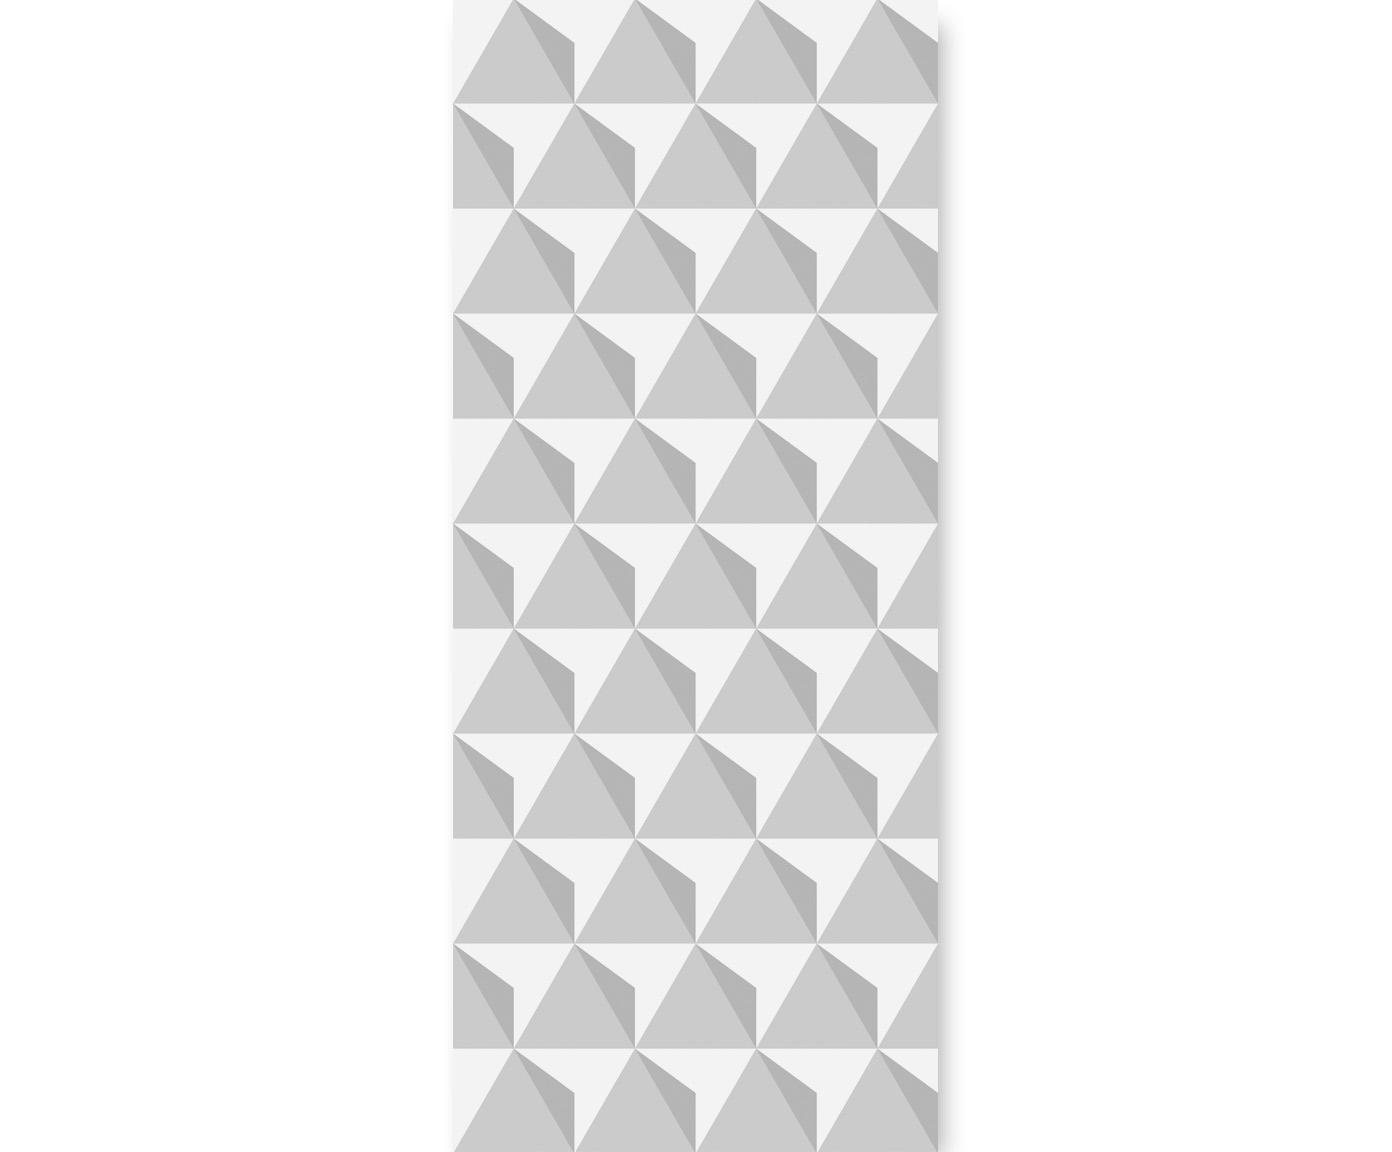 tapeta dla dzieci triangulars grey